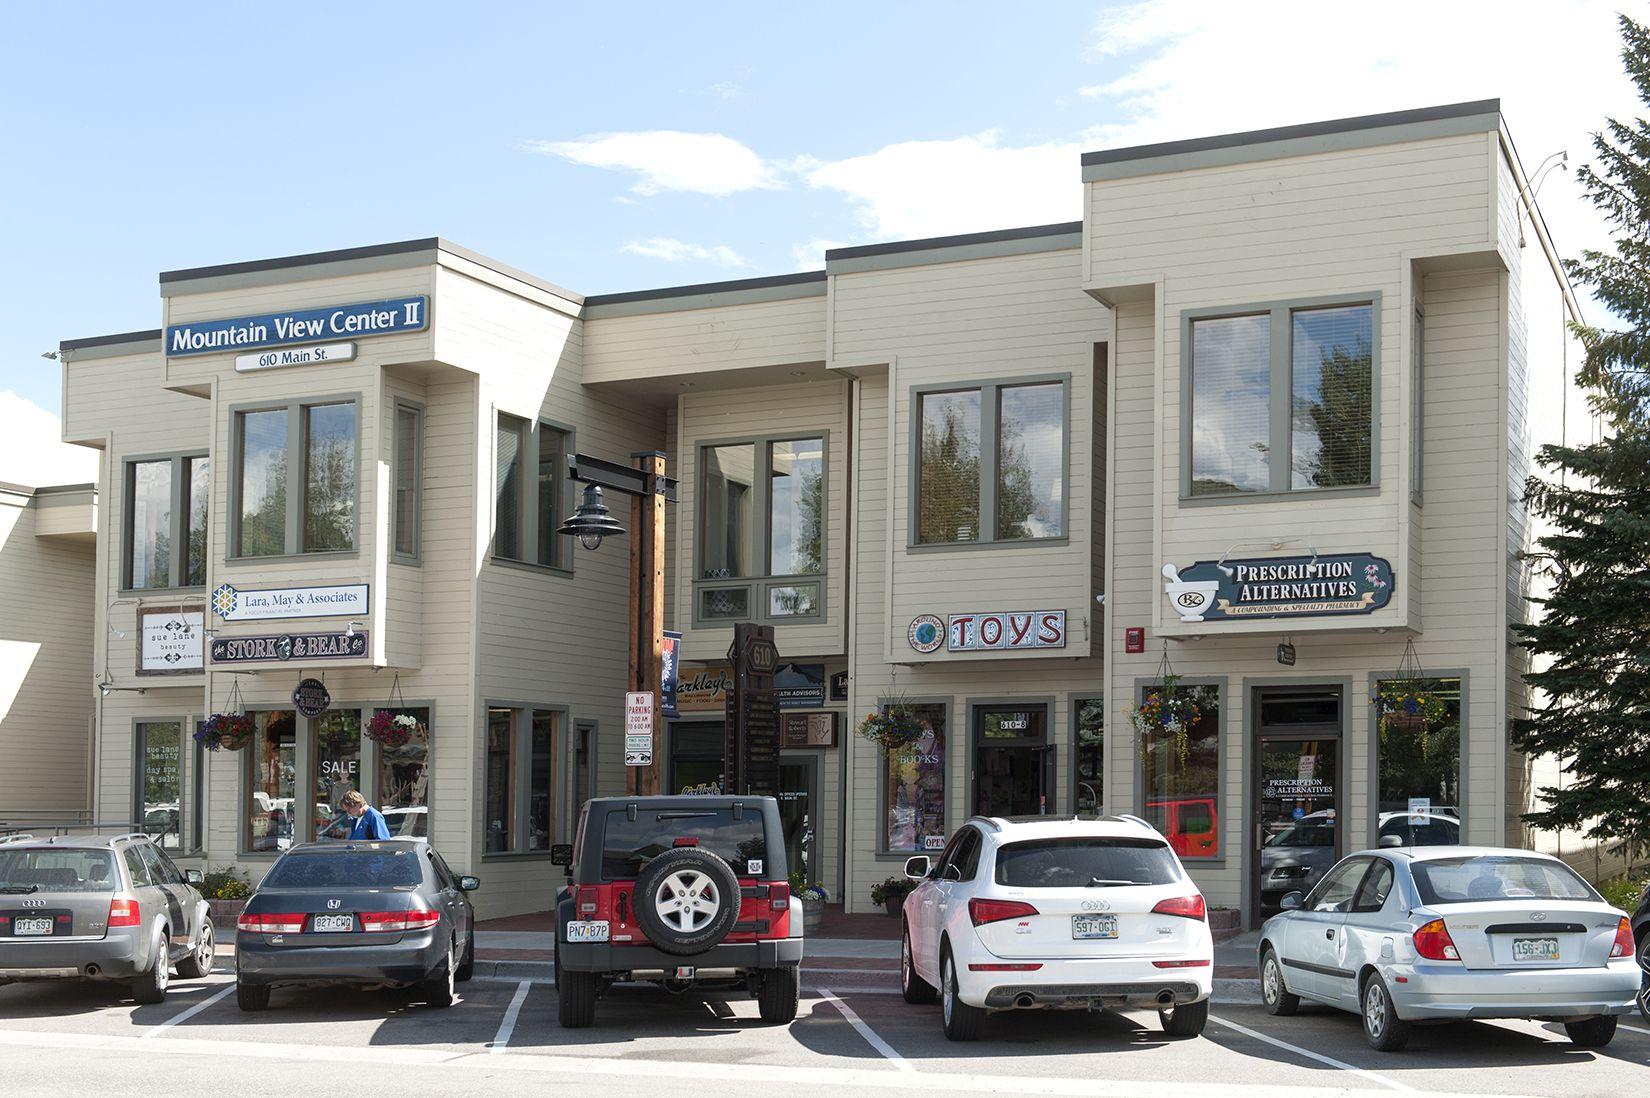 610 E Main STREET # 14B FRISCO, Colorado 80443